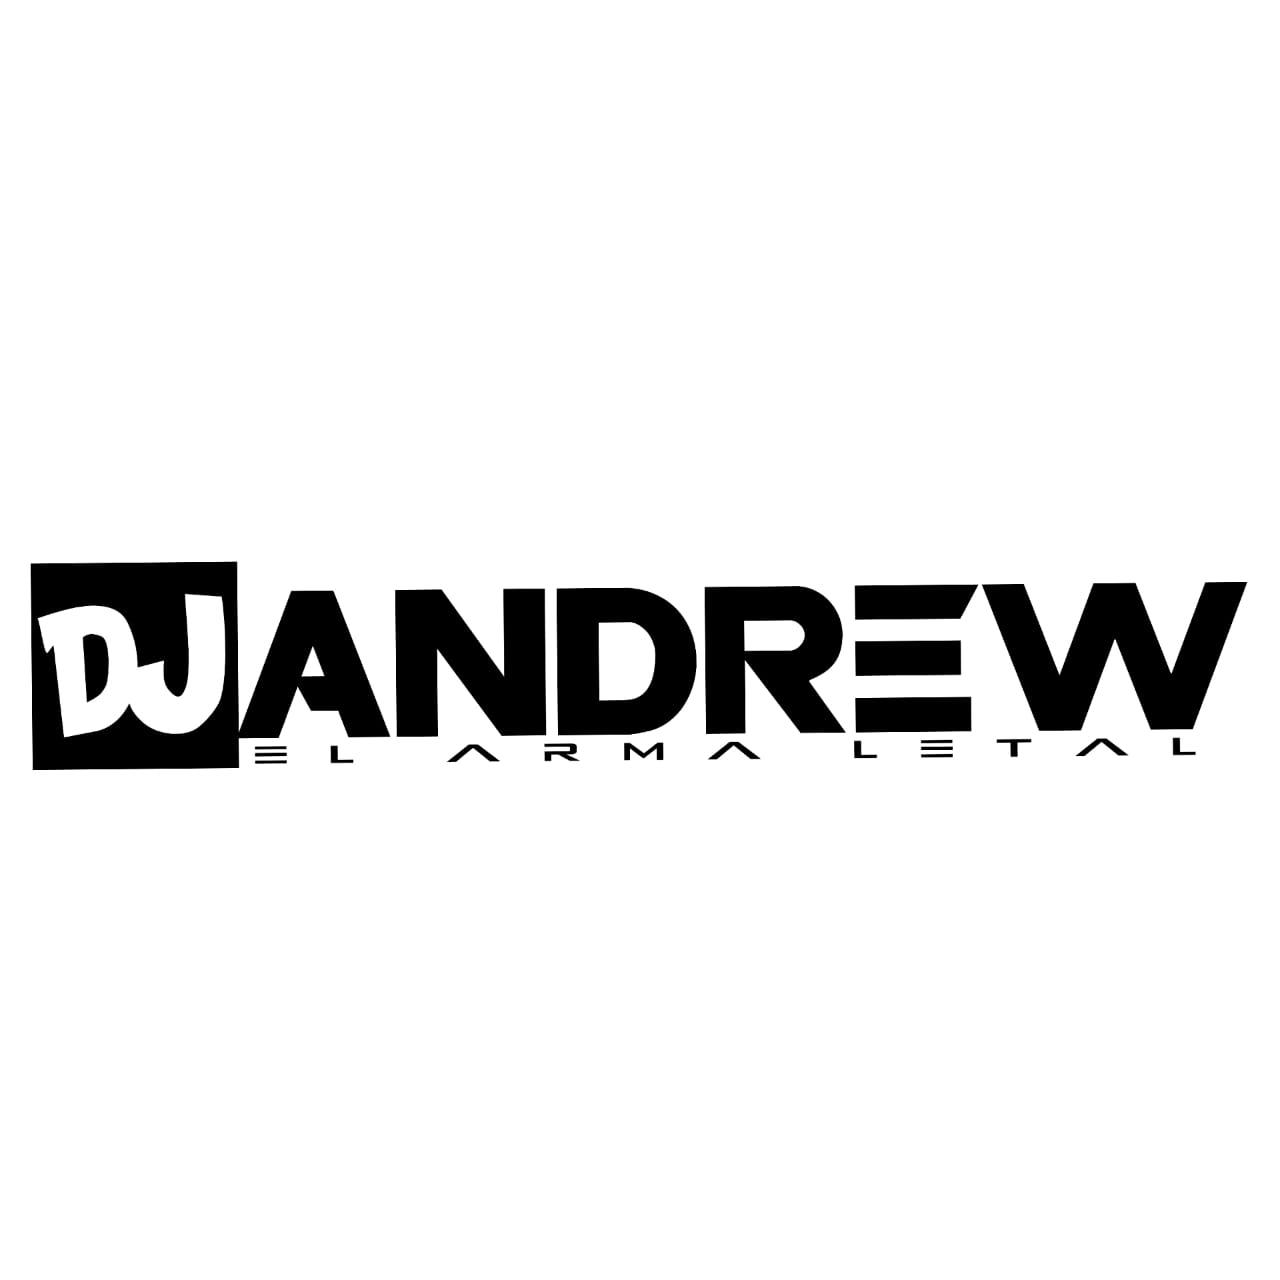 Dj Andrew - La Vaina Esta Criminal (Seccion De Plena)